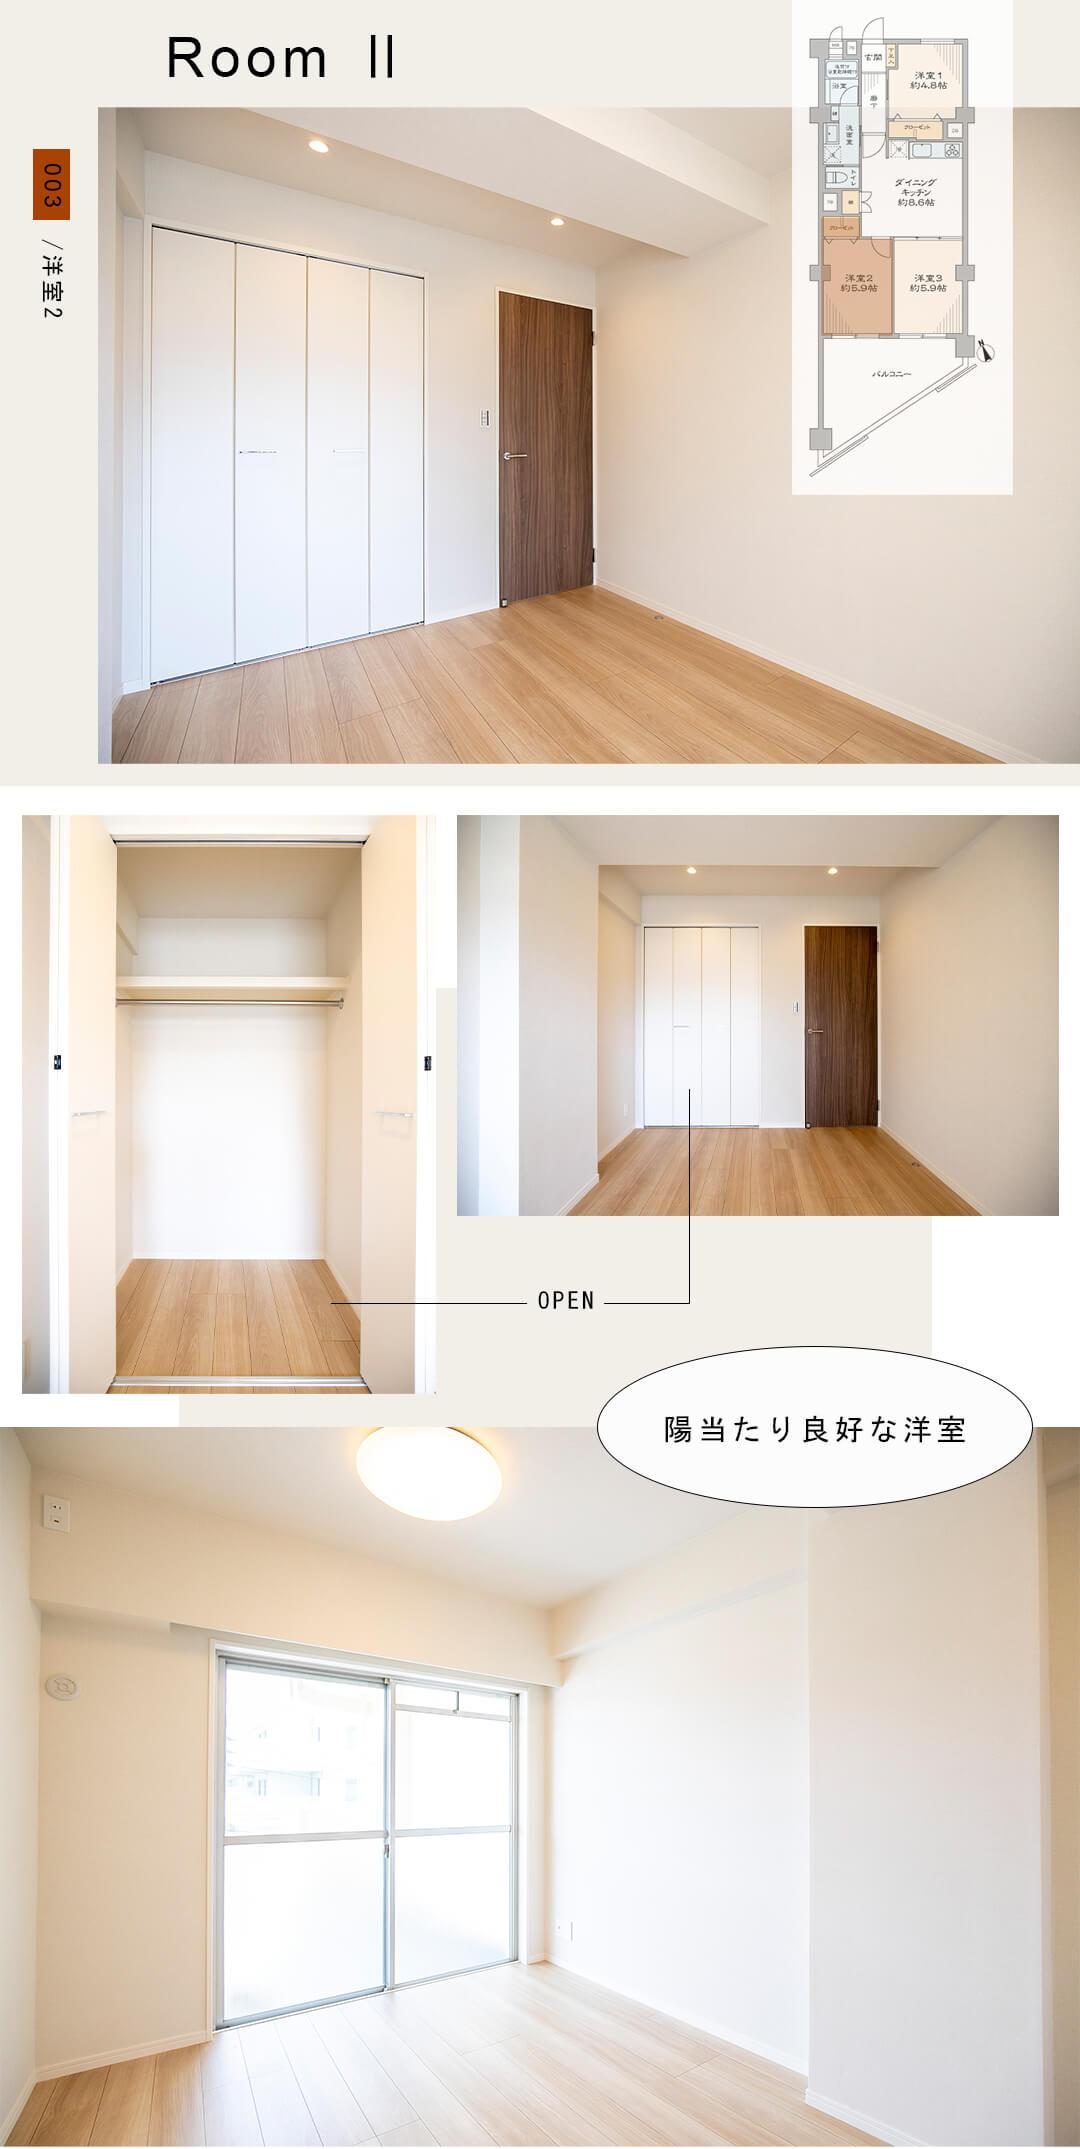 003洋室2,Room Ⅱ